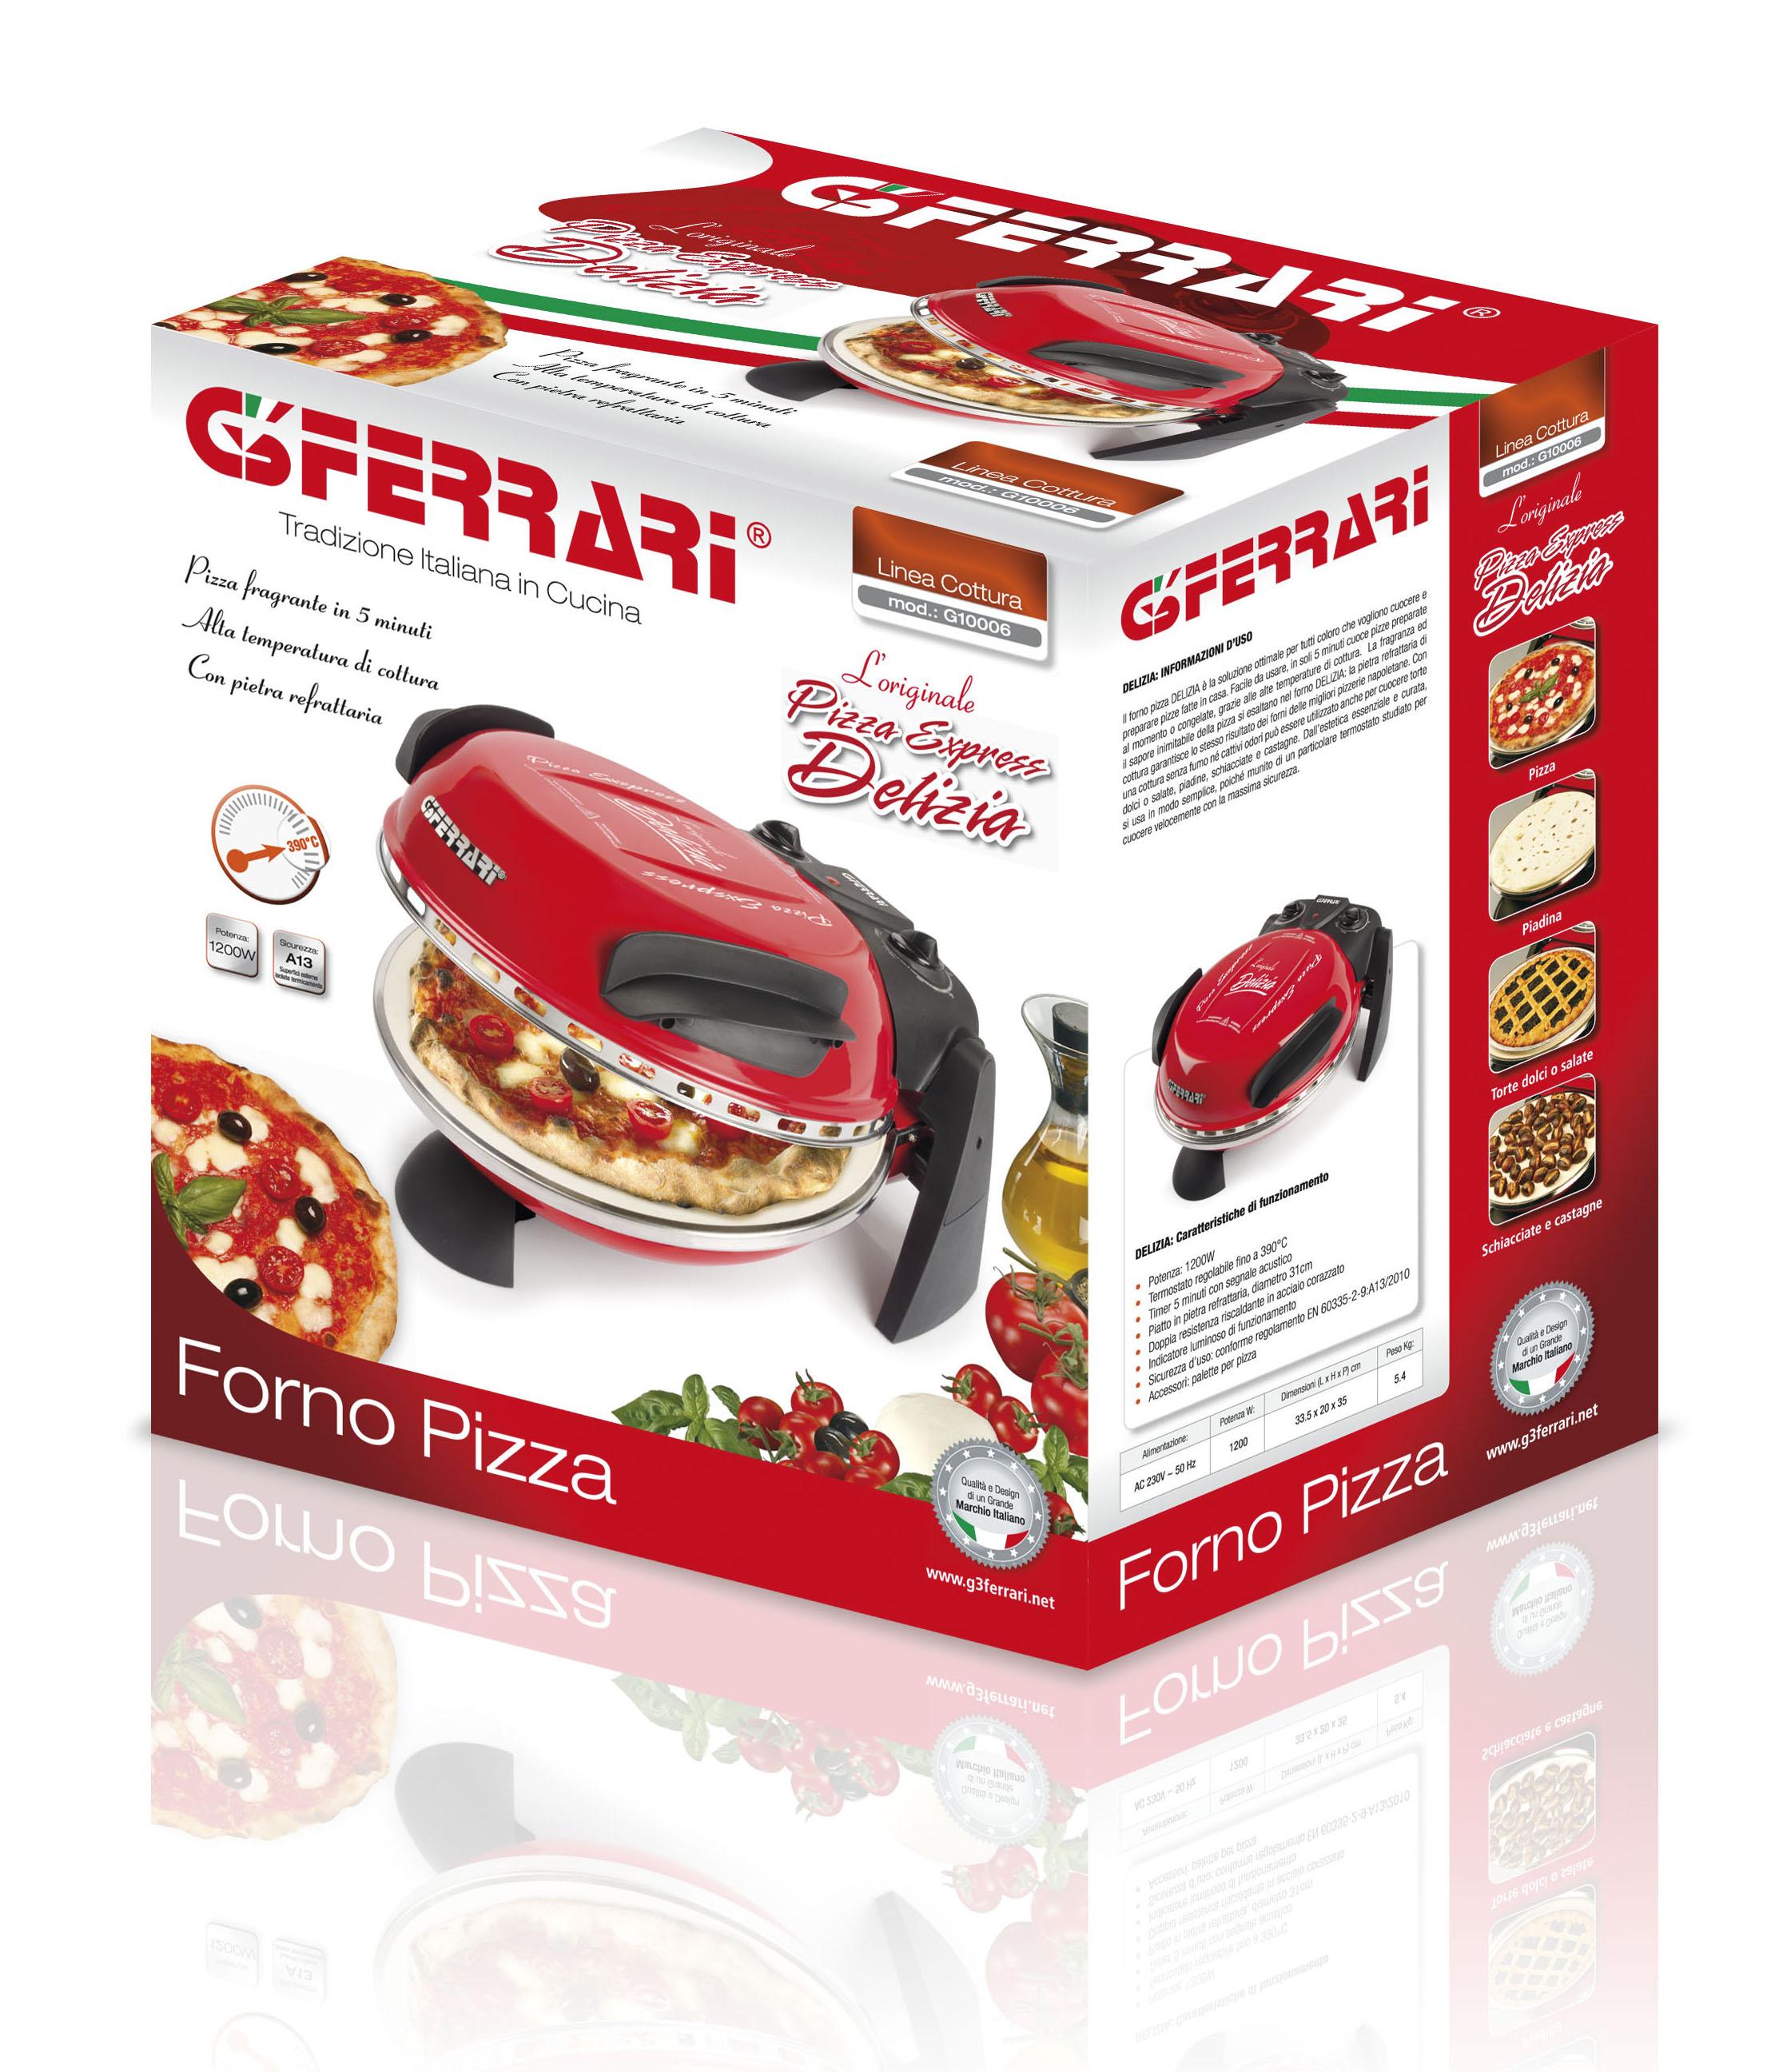 Forno elettrico per pizza usato confortevole soggiorno - Forno elettrico pizza casa ...